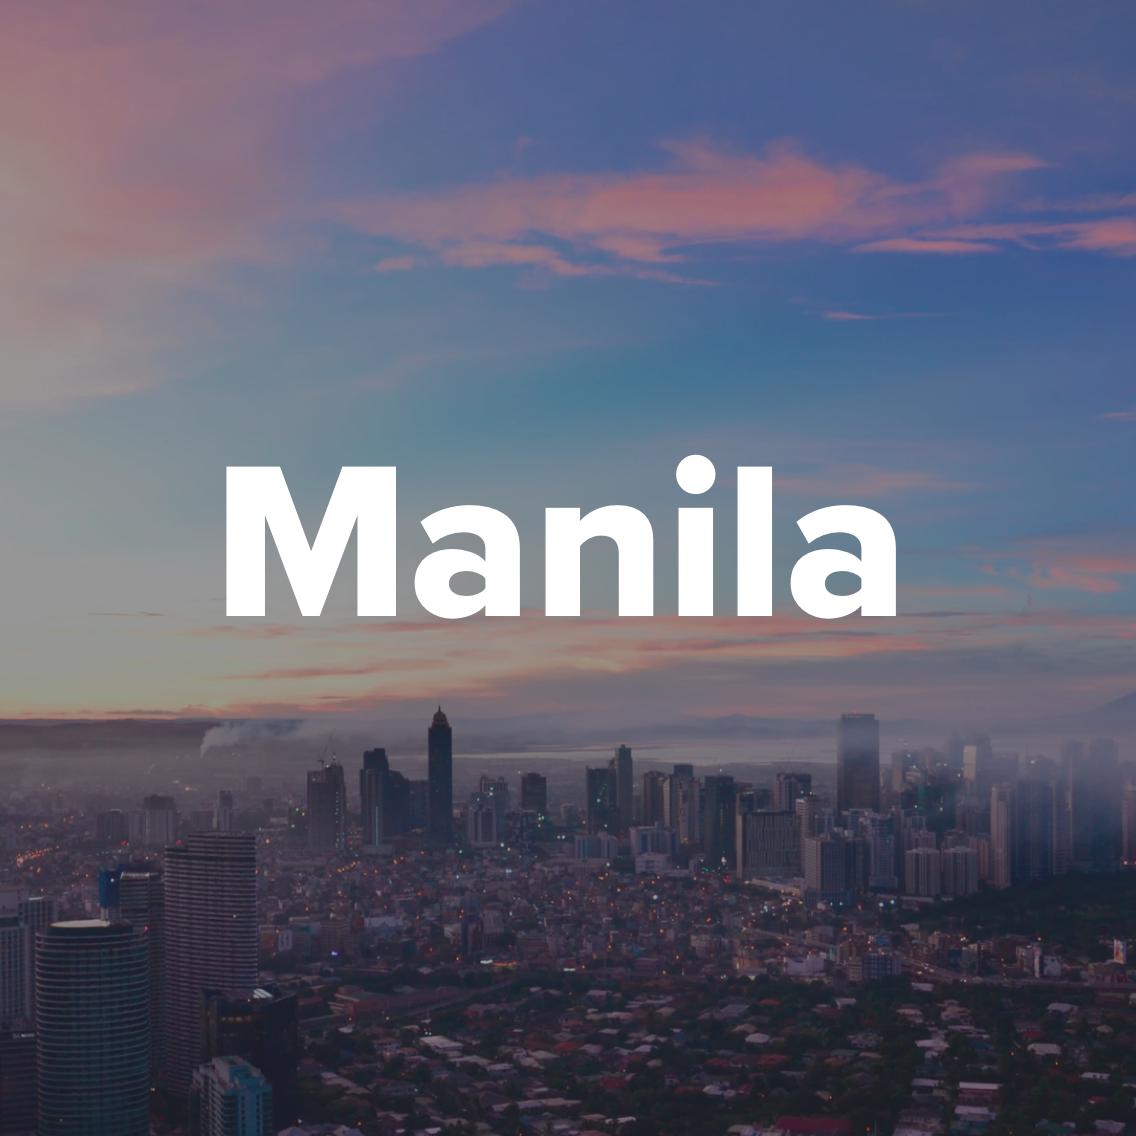 connect-roadshow-website-image-2020 - Manila